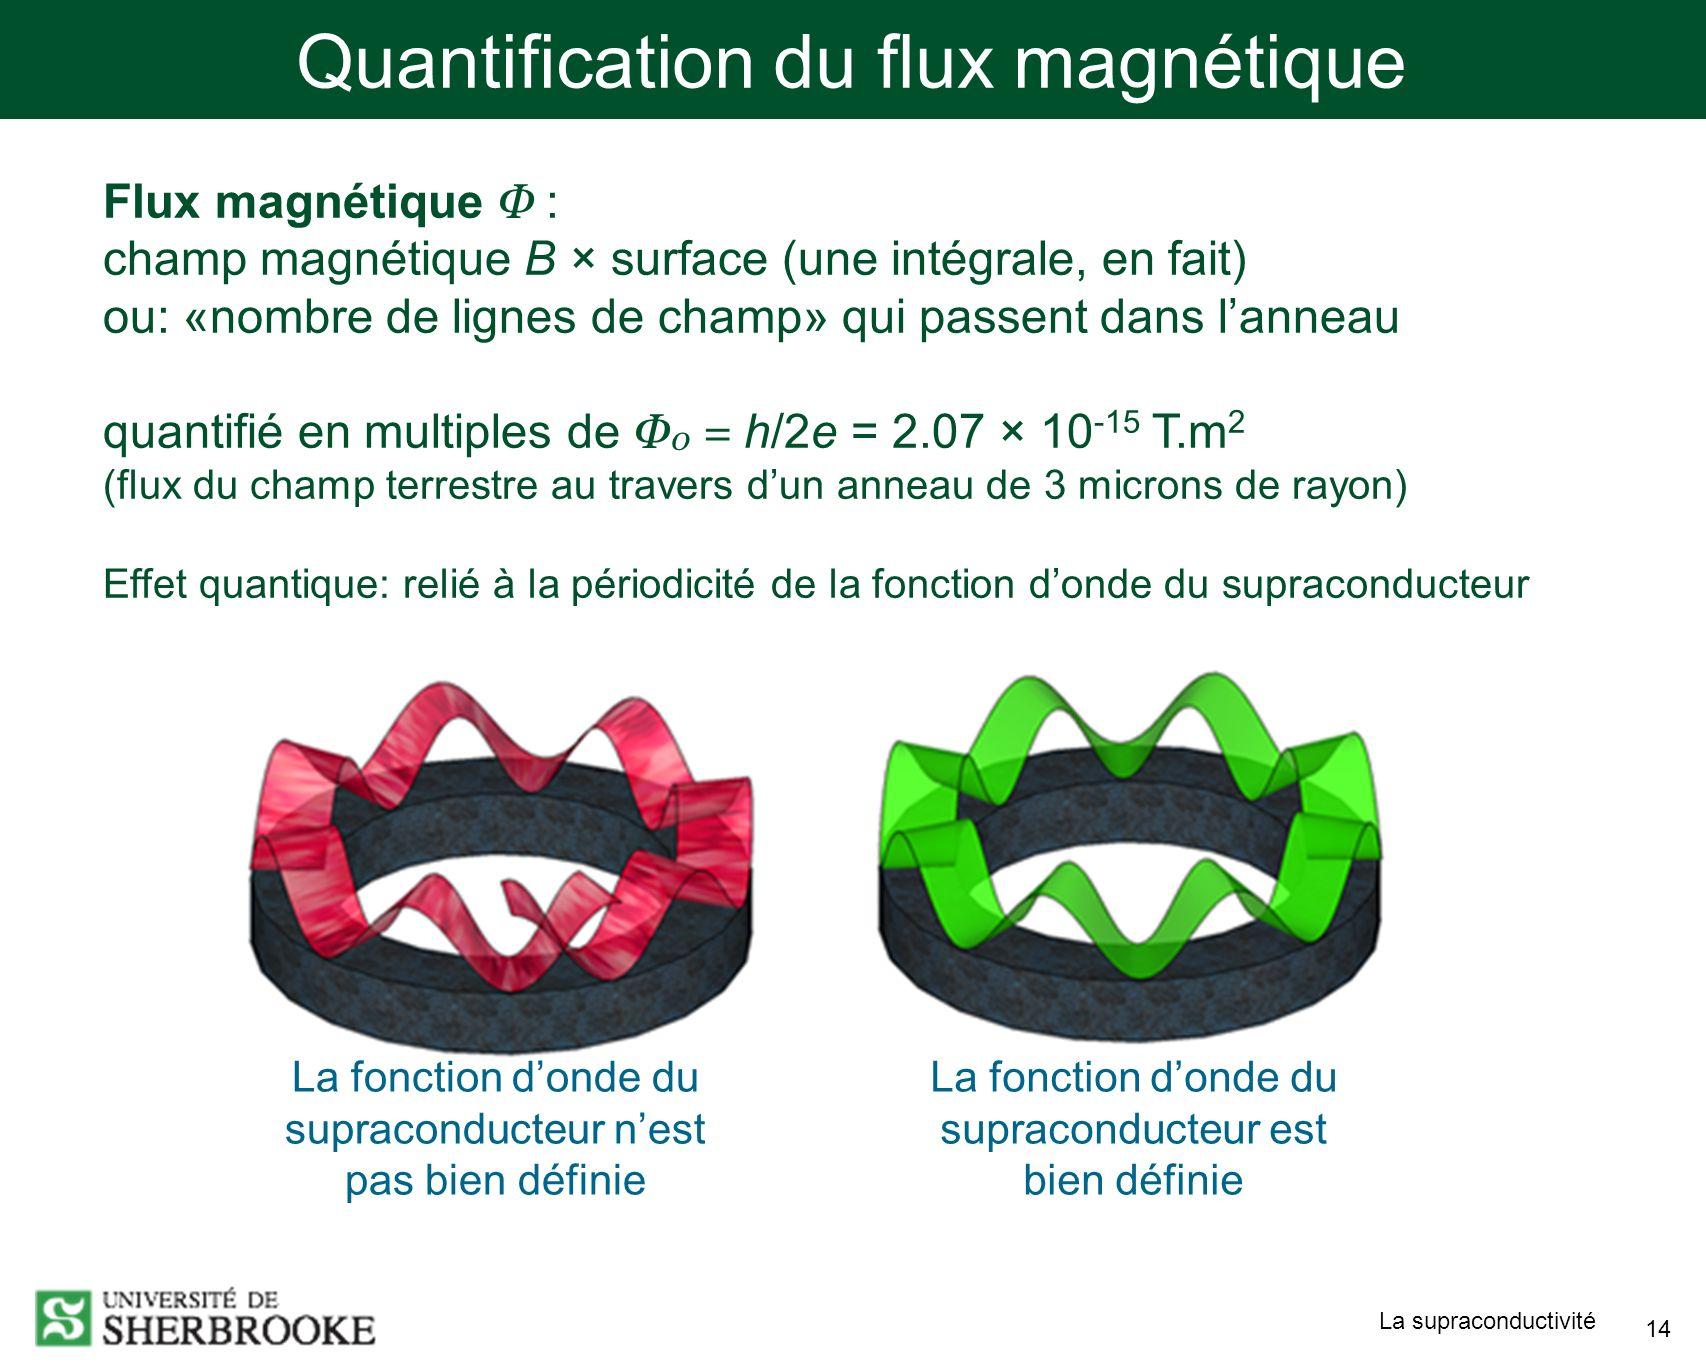 La supraconductivité 14 Quantification du flux magnétique La fonction donde du supraconducteur nest pas bien définie La fonction donde du supraconducteur est bien définie Flux magnétique Φ : champ magnétique B × surface (une intégrale, en fait) ou: «nombre de lignes de champ» qui passent dans lanneau quantifié en multiples de Φ 0 = h/2e = 2.07 × 10 -15 T.m 2 (flux du champ terrestre au travers dun anneau de 3 microns de rayon) Effet quantique: relié à la périodicité de la fonction donde du supraconducteur